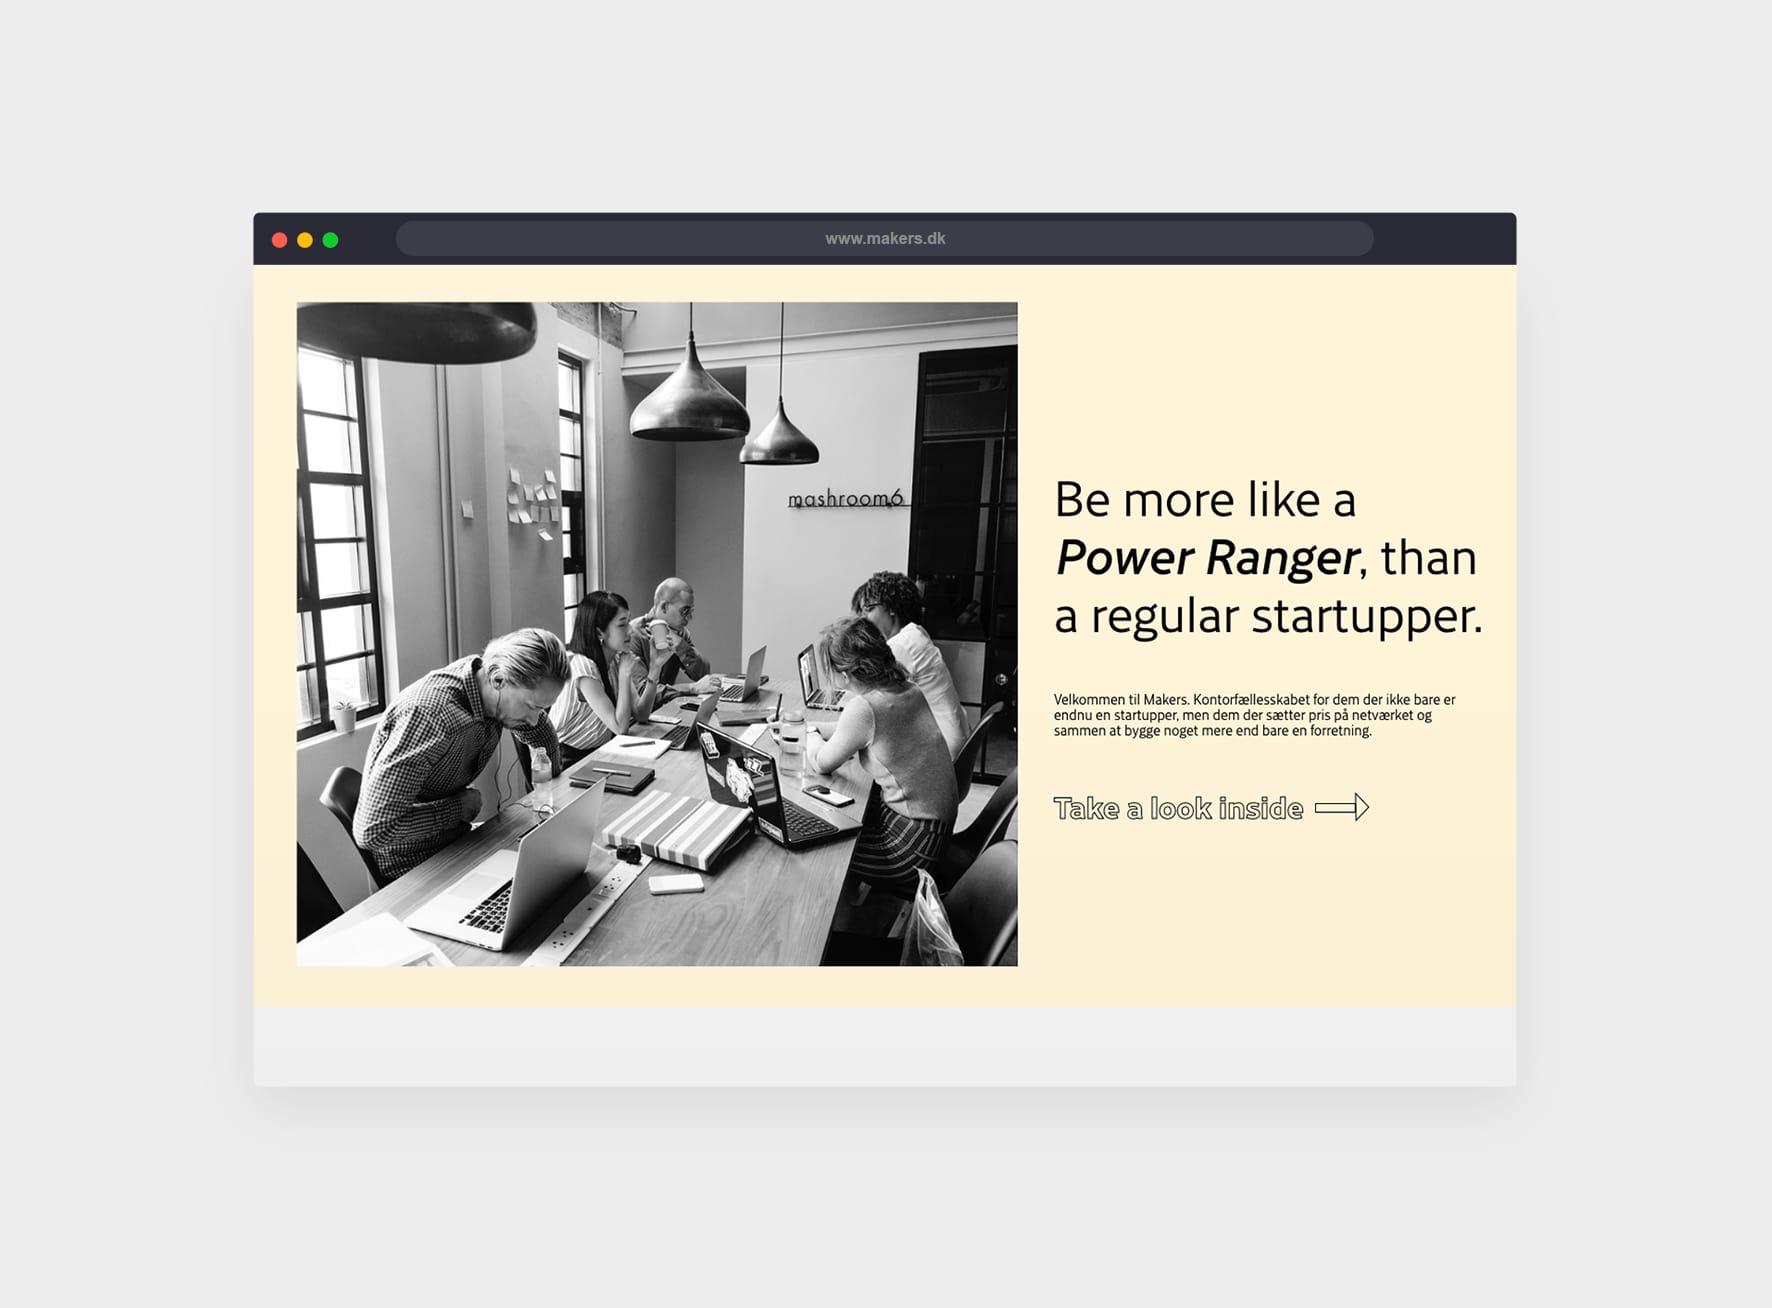 Makers-hjemmeside